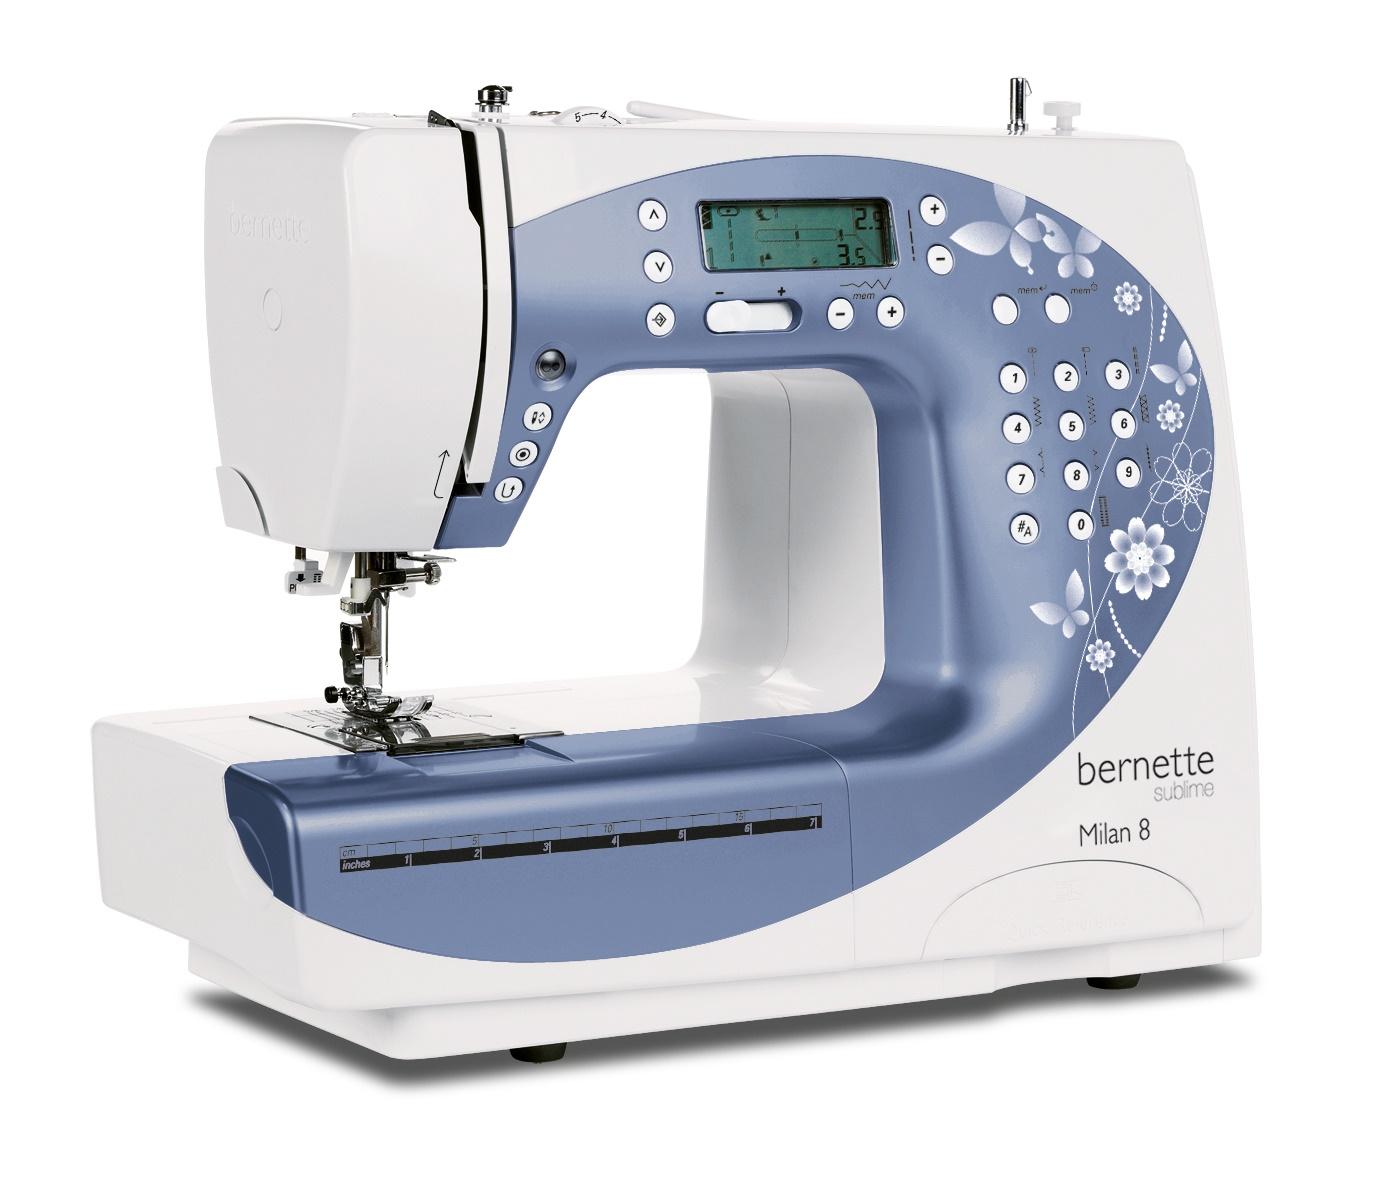 šicí stroj Bernette Milan 8 + záruka 3 roky